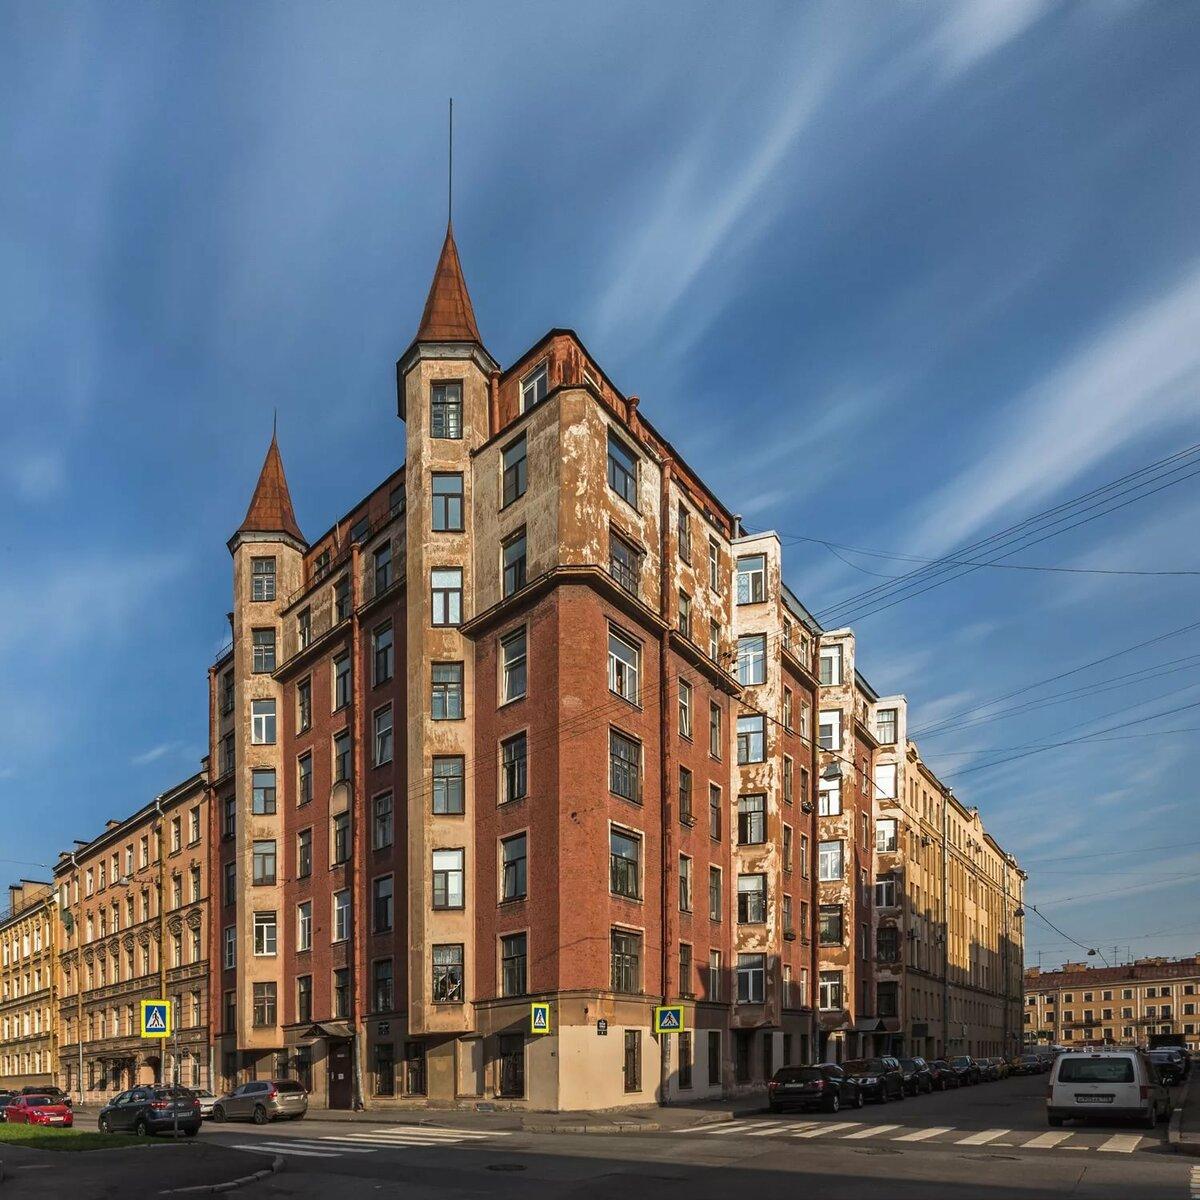 его фото необычных зданий в санкт петербурге цвет это прекрасная